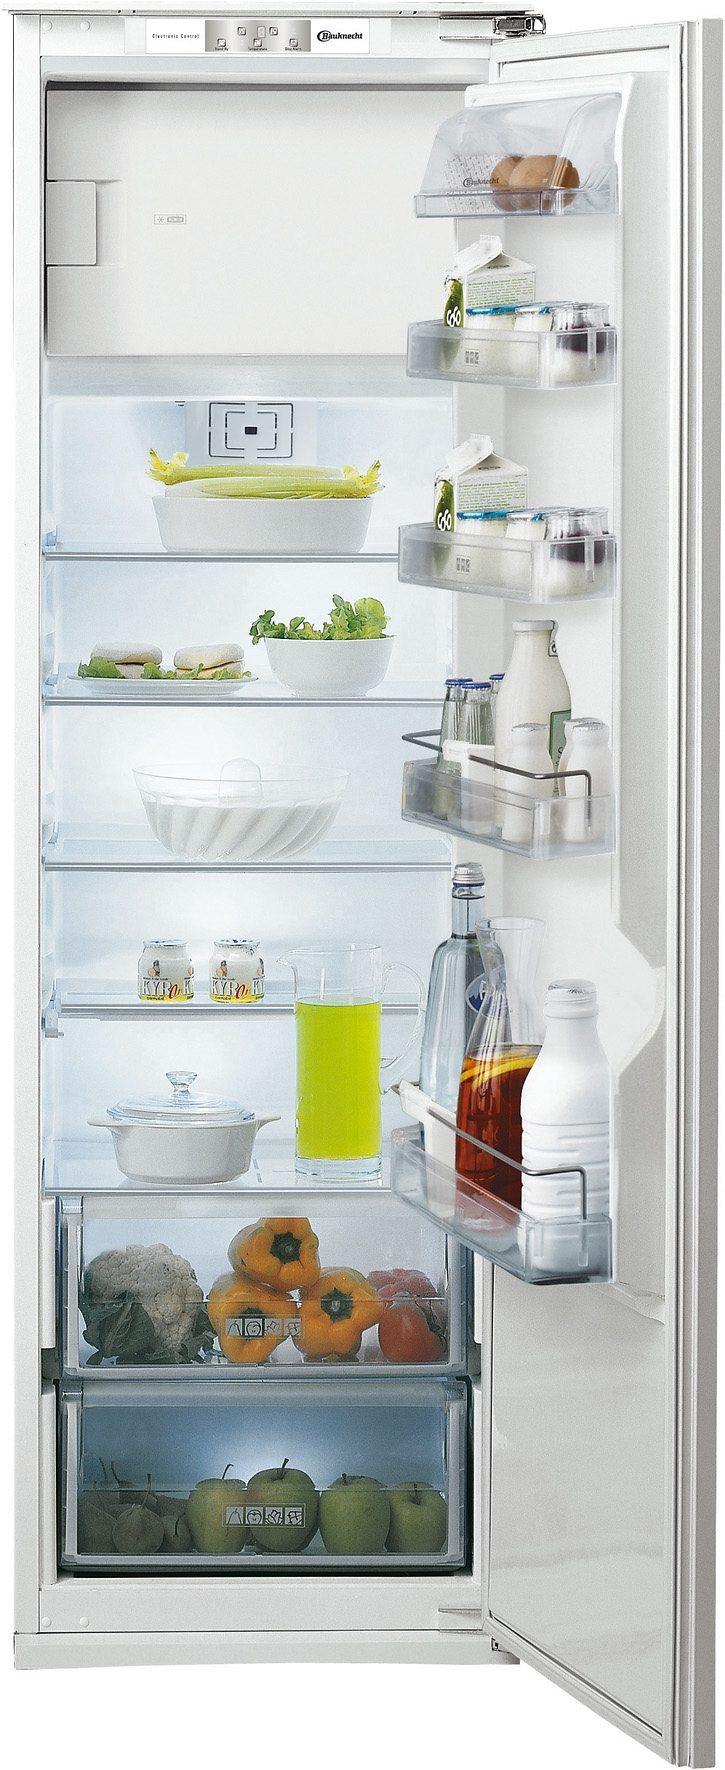 Bauknecht integrierbarer Einbau-Kühlschrank KVIE 4184 A+++, 177 cm